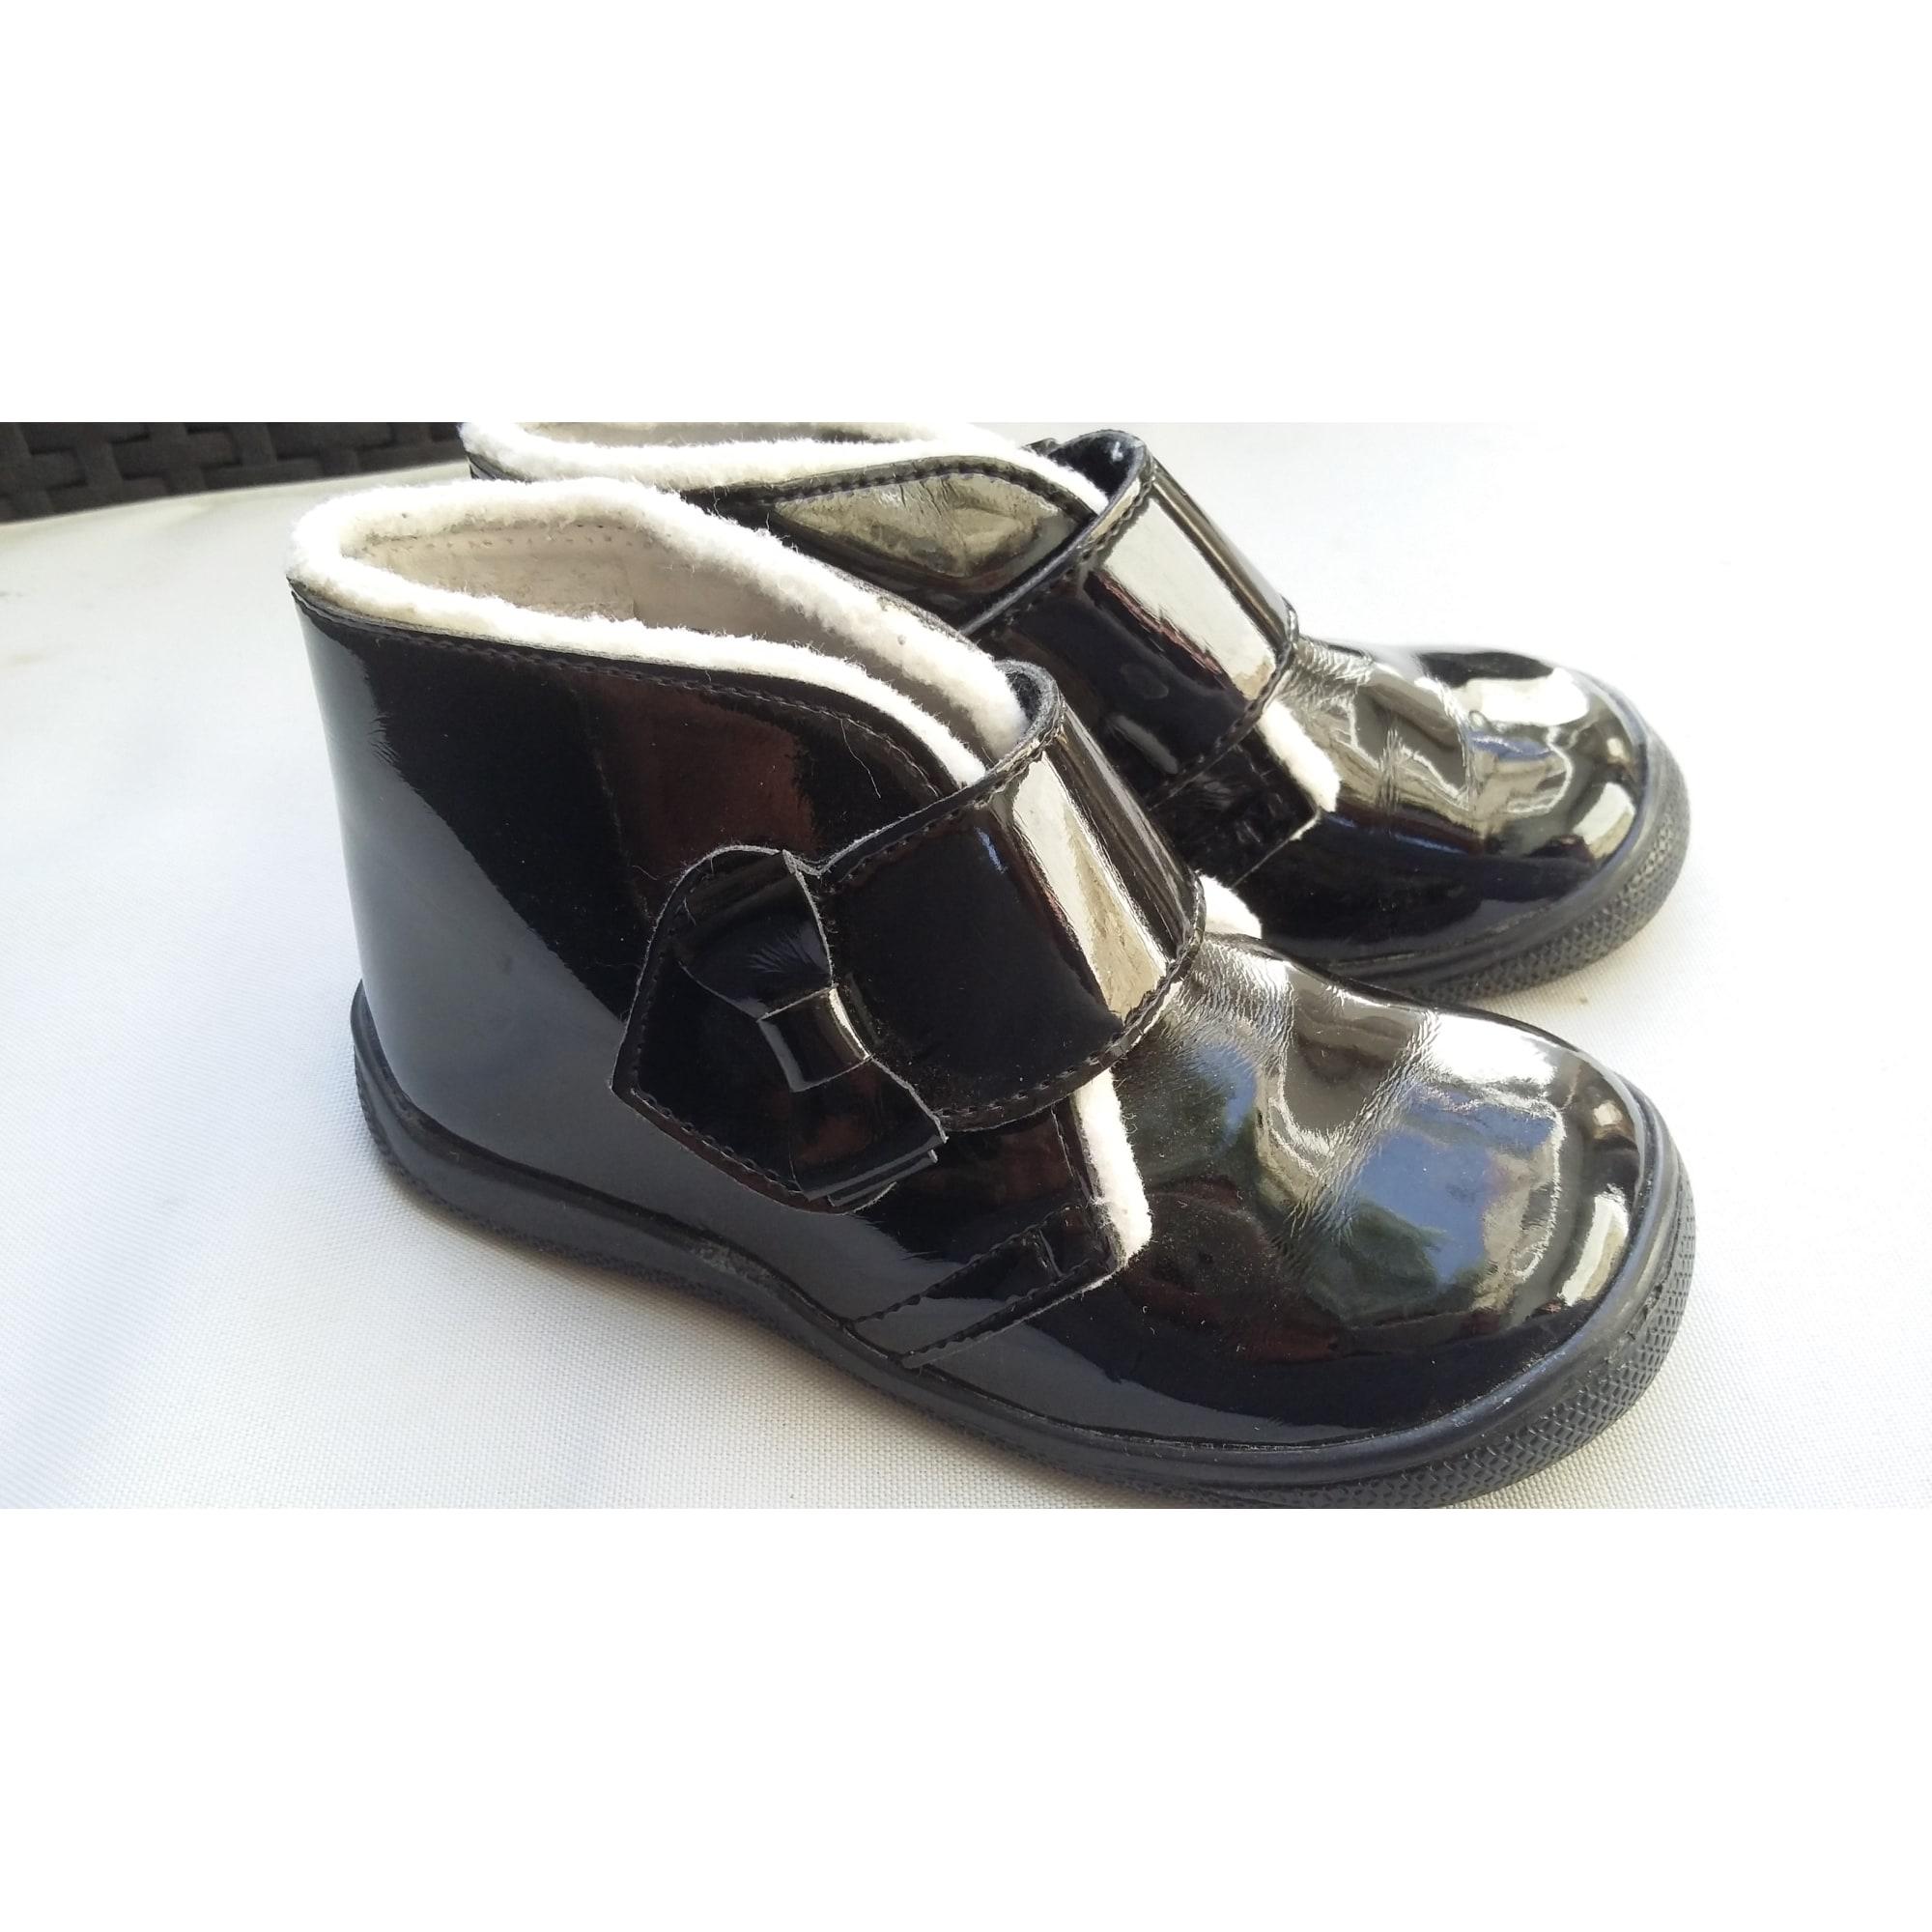 dacd13fe70113 Chaussures à scratch ORCHESTRA 23 noir - 4913974